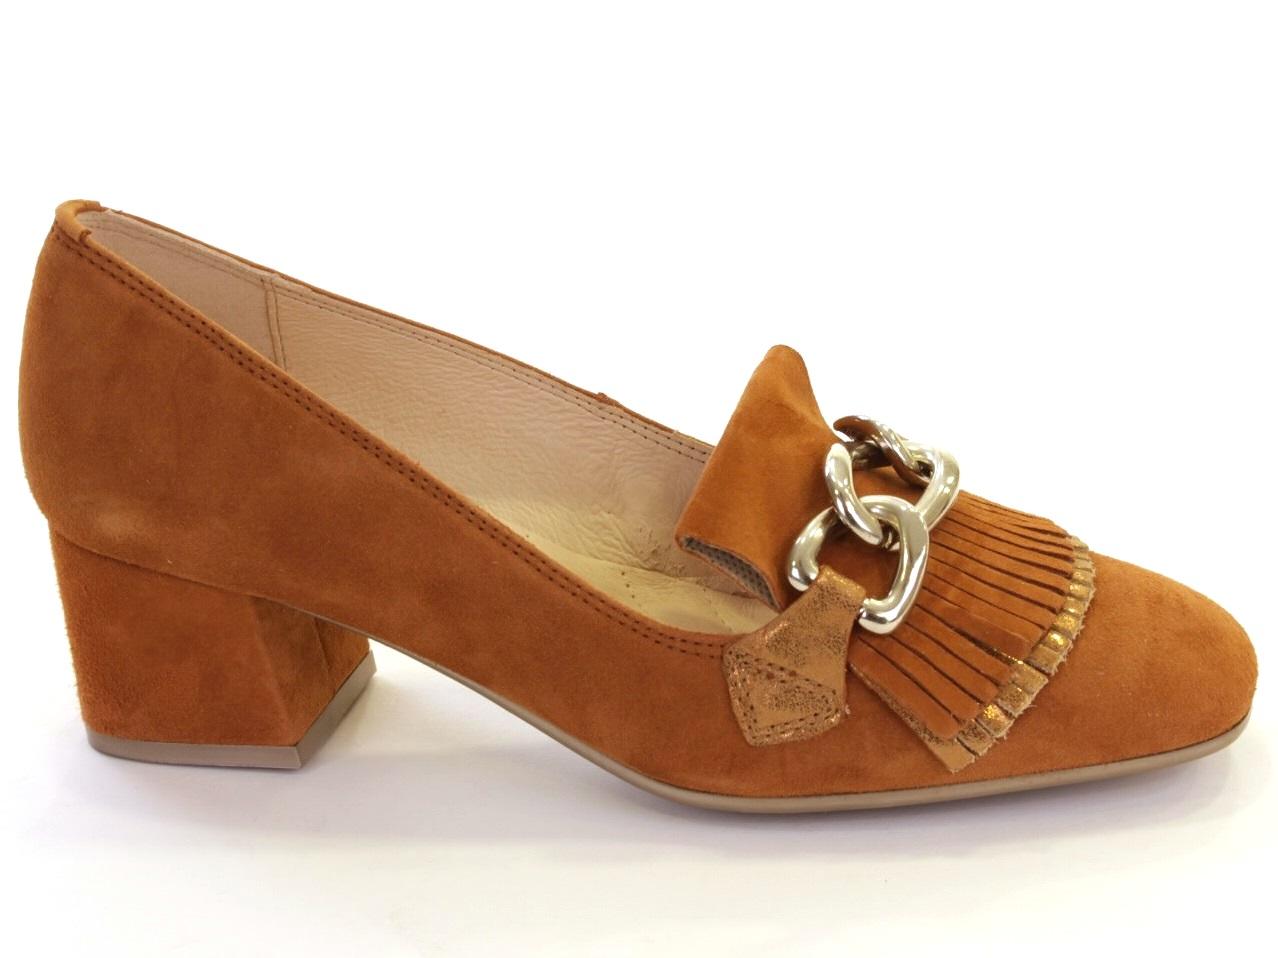 Sapatos de Salto Hispanitas - 165 BHV75149